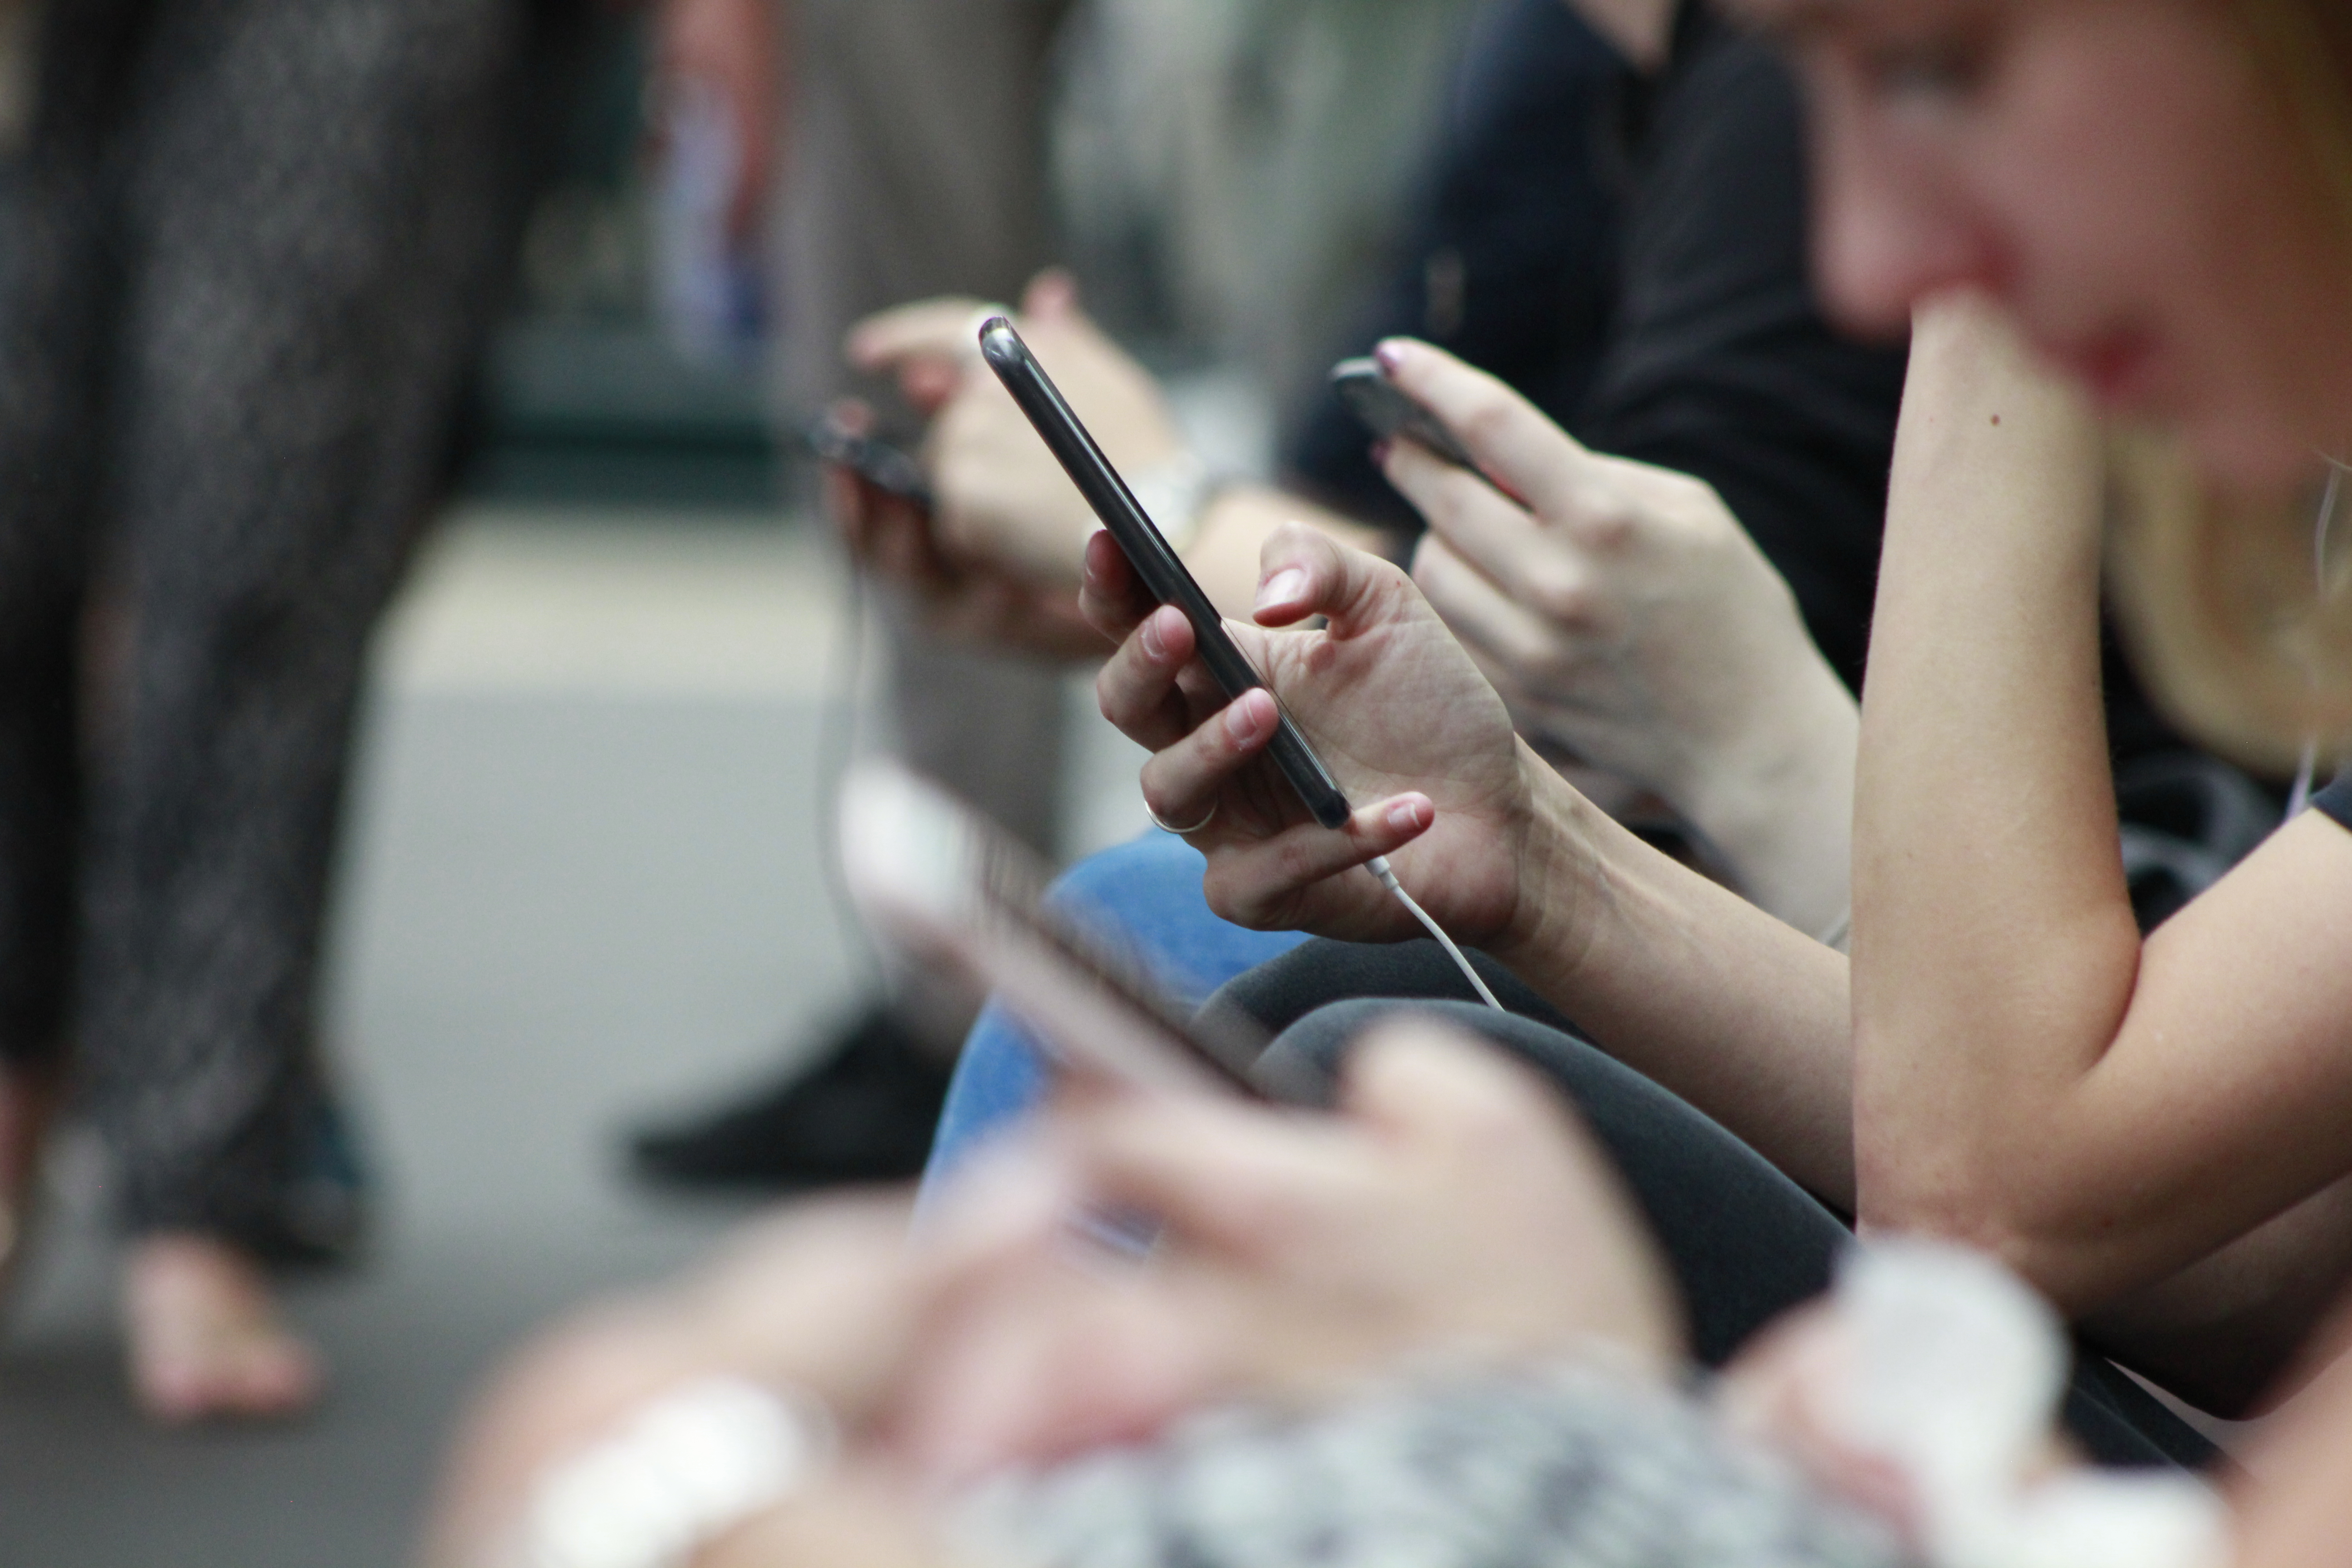 Annonces étendues et responsives, device bidding : Adwords s'adapte au mobile